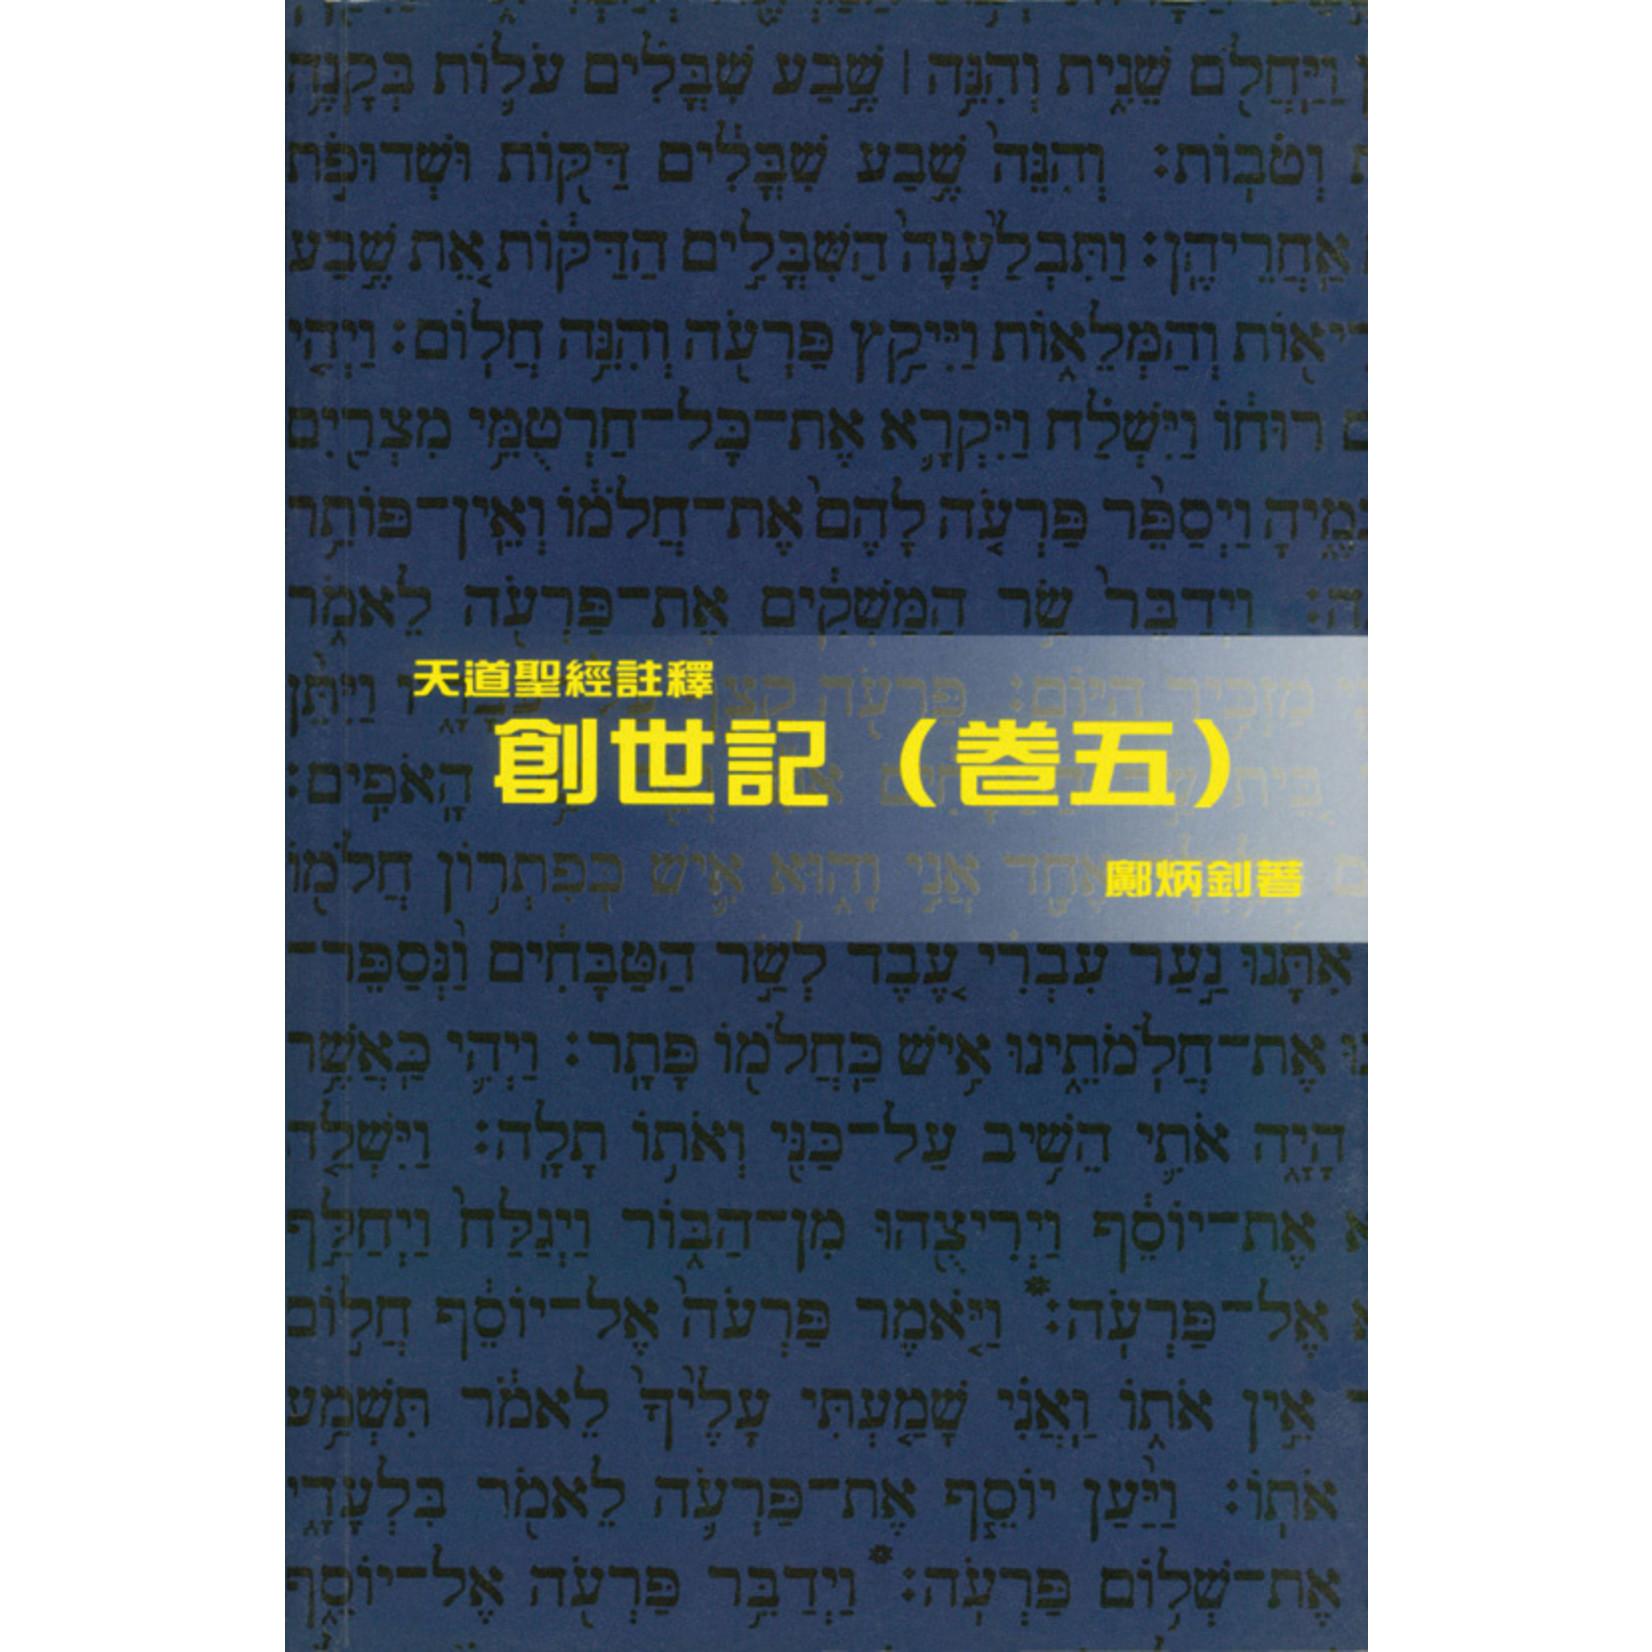 天道書樓 Tien Dao Publishing House 天道聖經註釋:創世記(卷五)